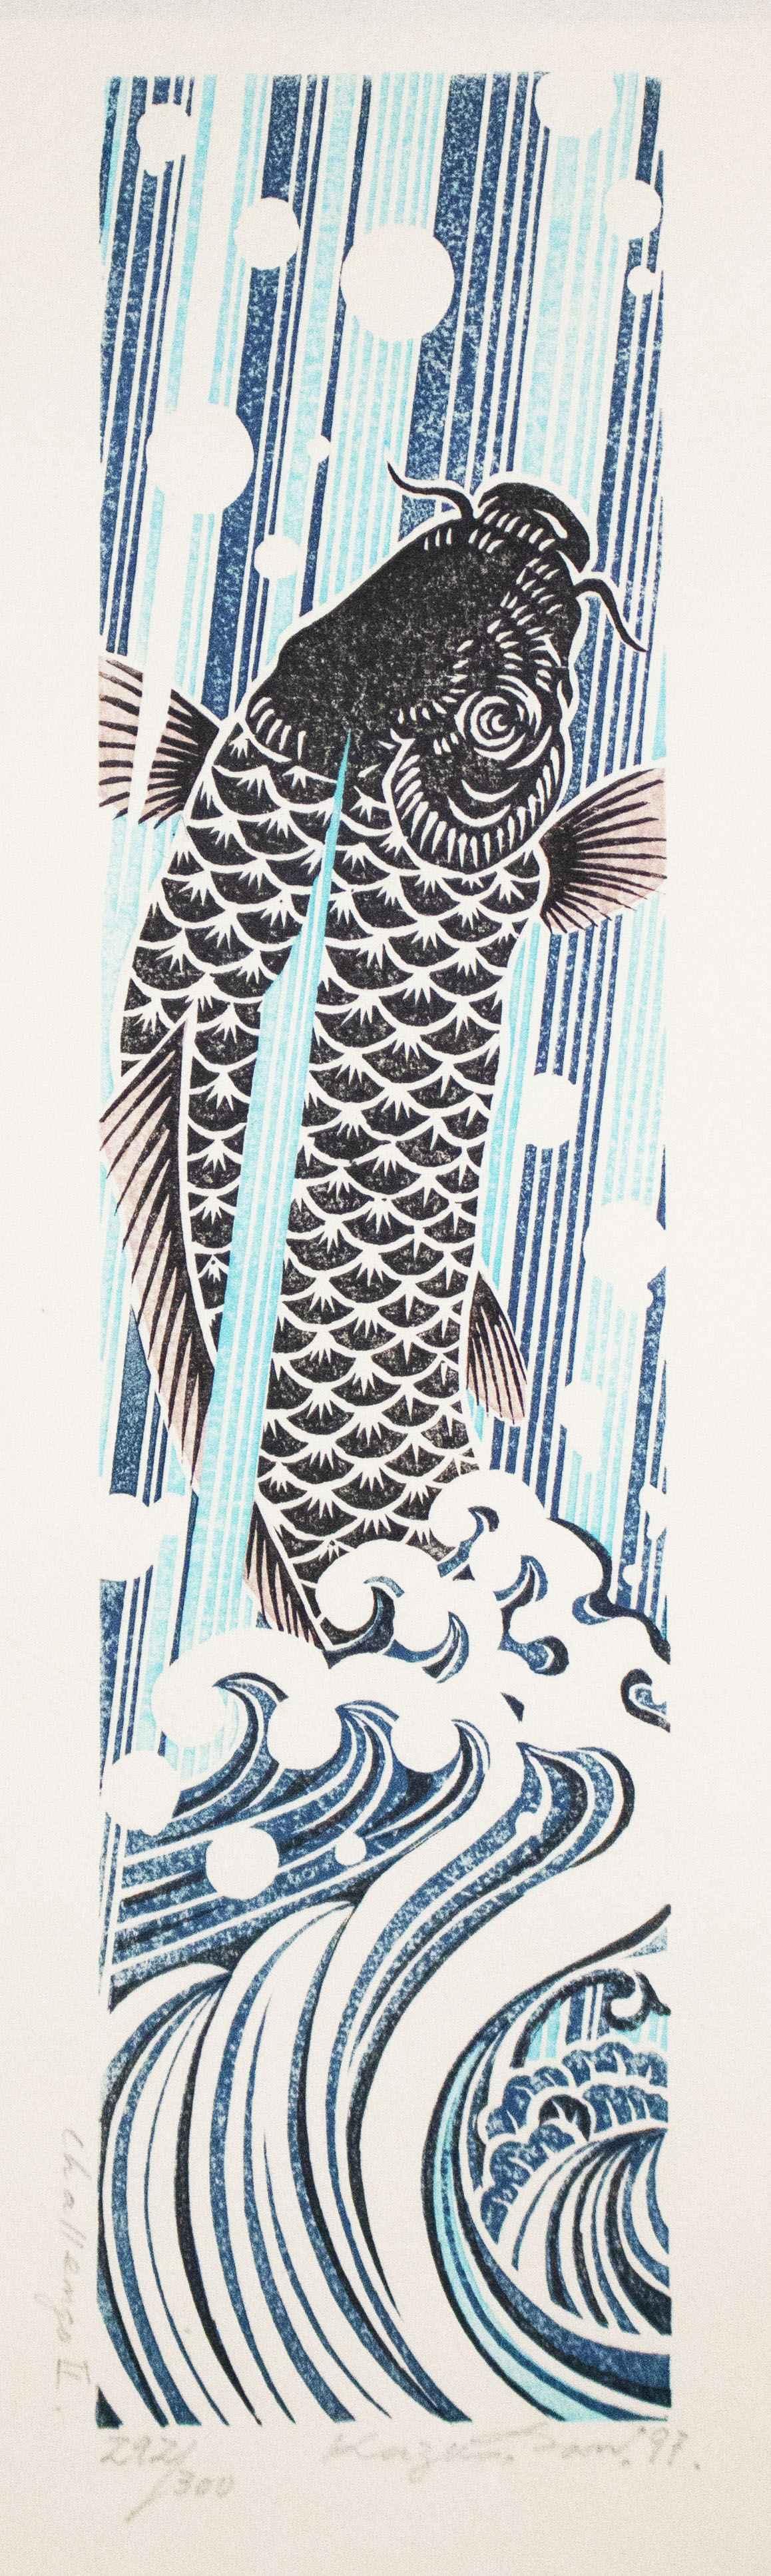 Competition II by  Kazuhiko Sanmonji - Masterpiece Online